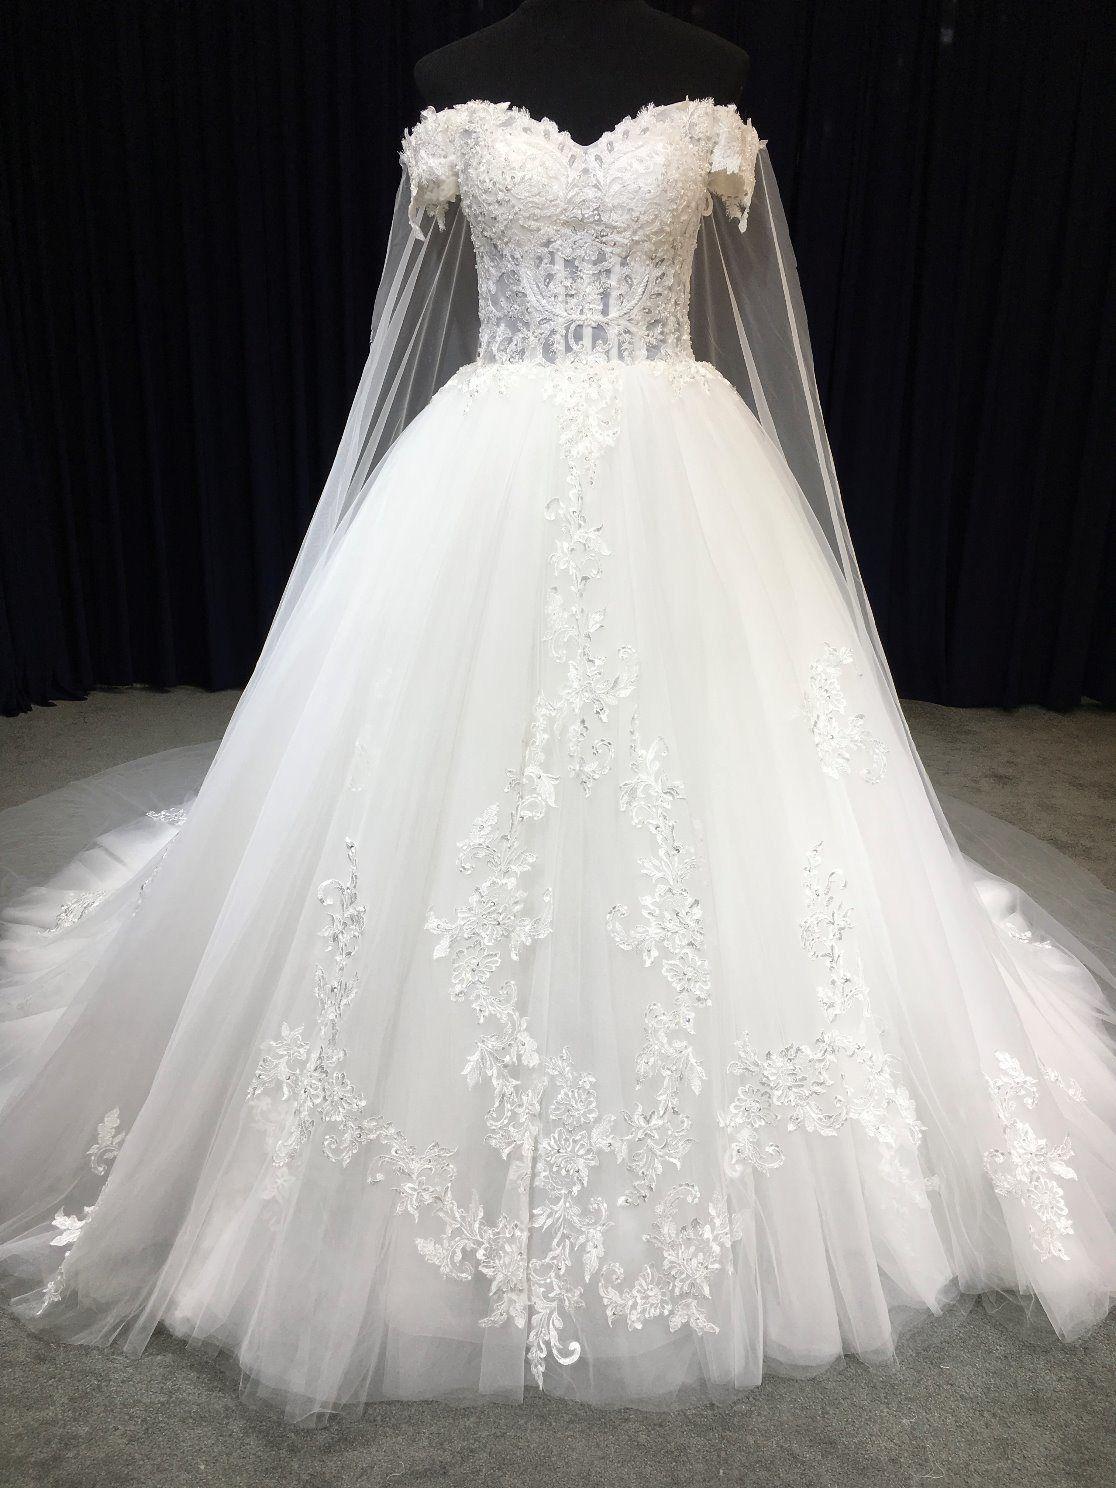 Selling Wedding Gown White Aoliweiya Best Selling Design Sweetheart Wedding Gown In 2020 Sweetheart Wedding Gown Wedding Gowns Sweetheart Wedding Dress